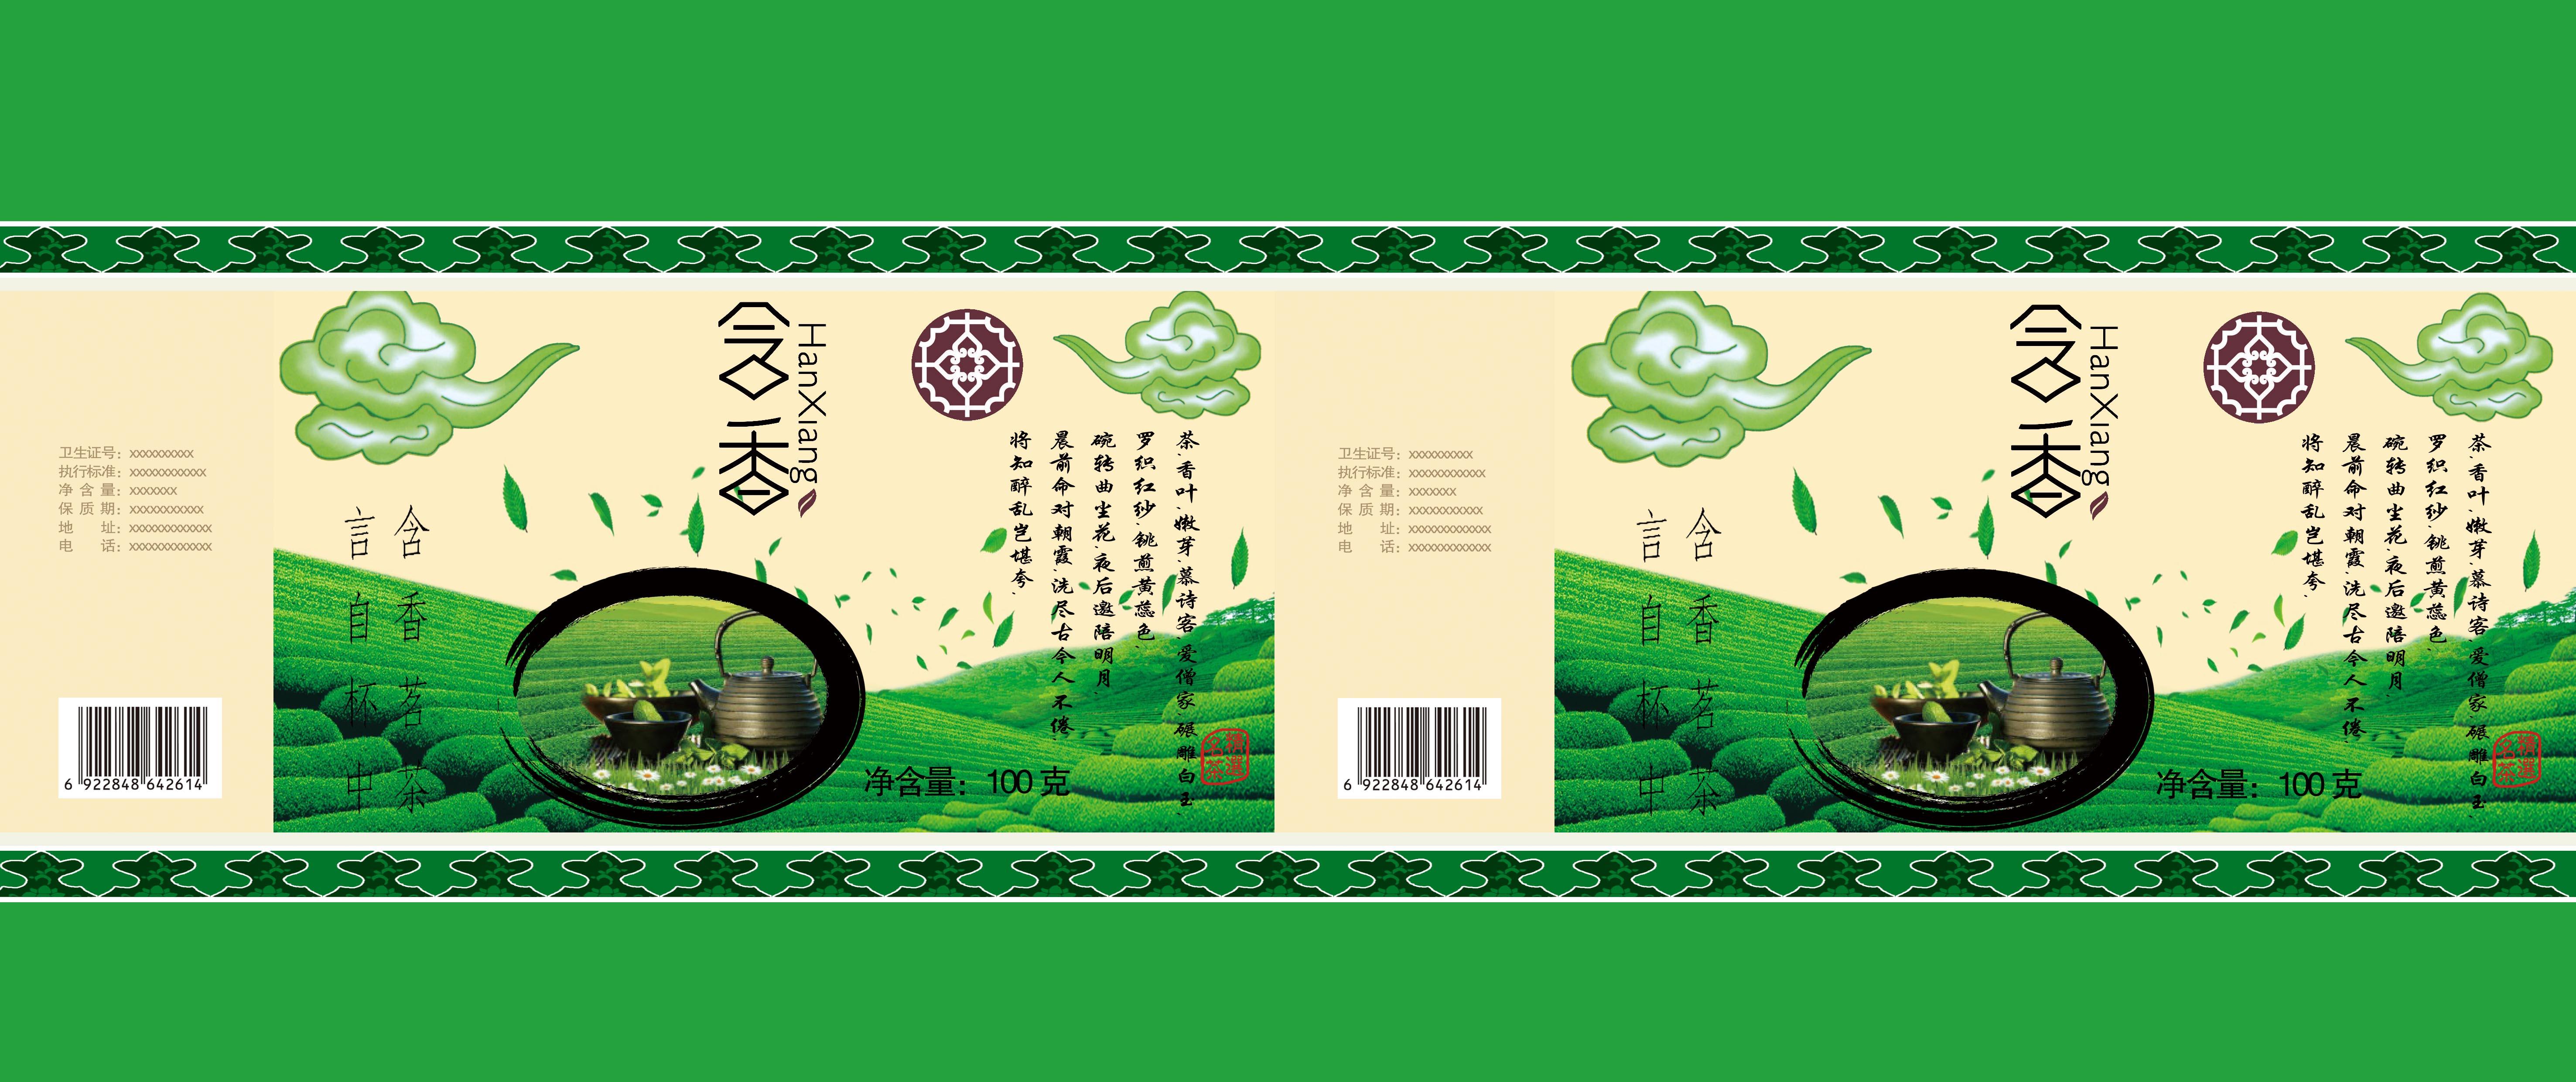 绿茶茶叶包装袋设计图片